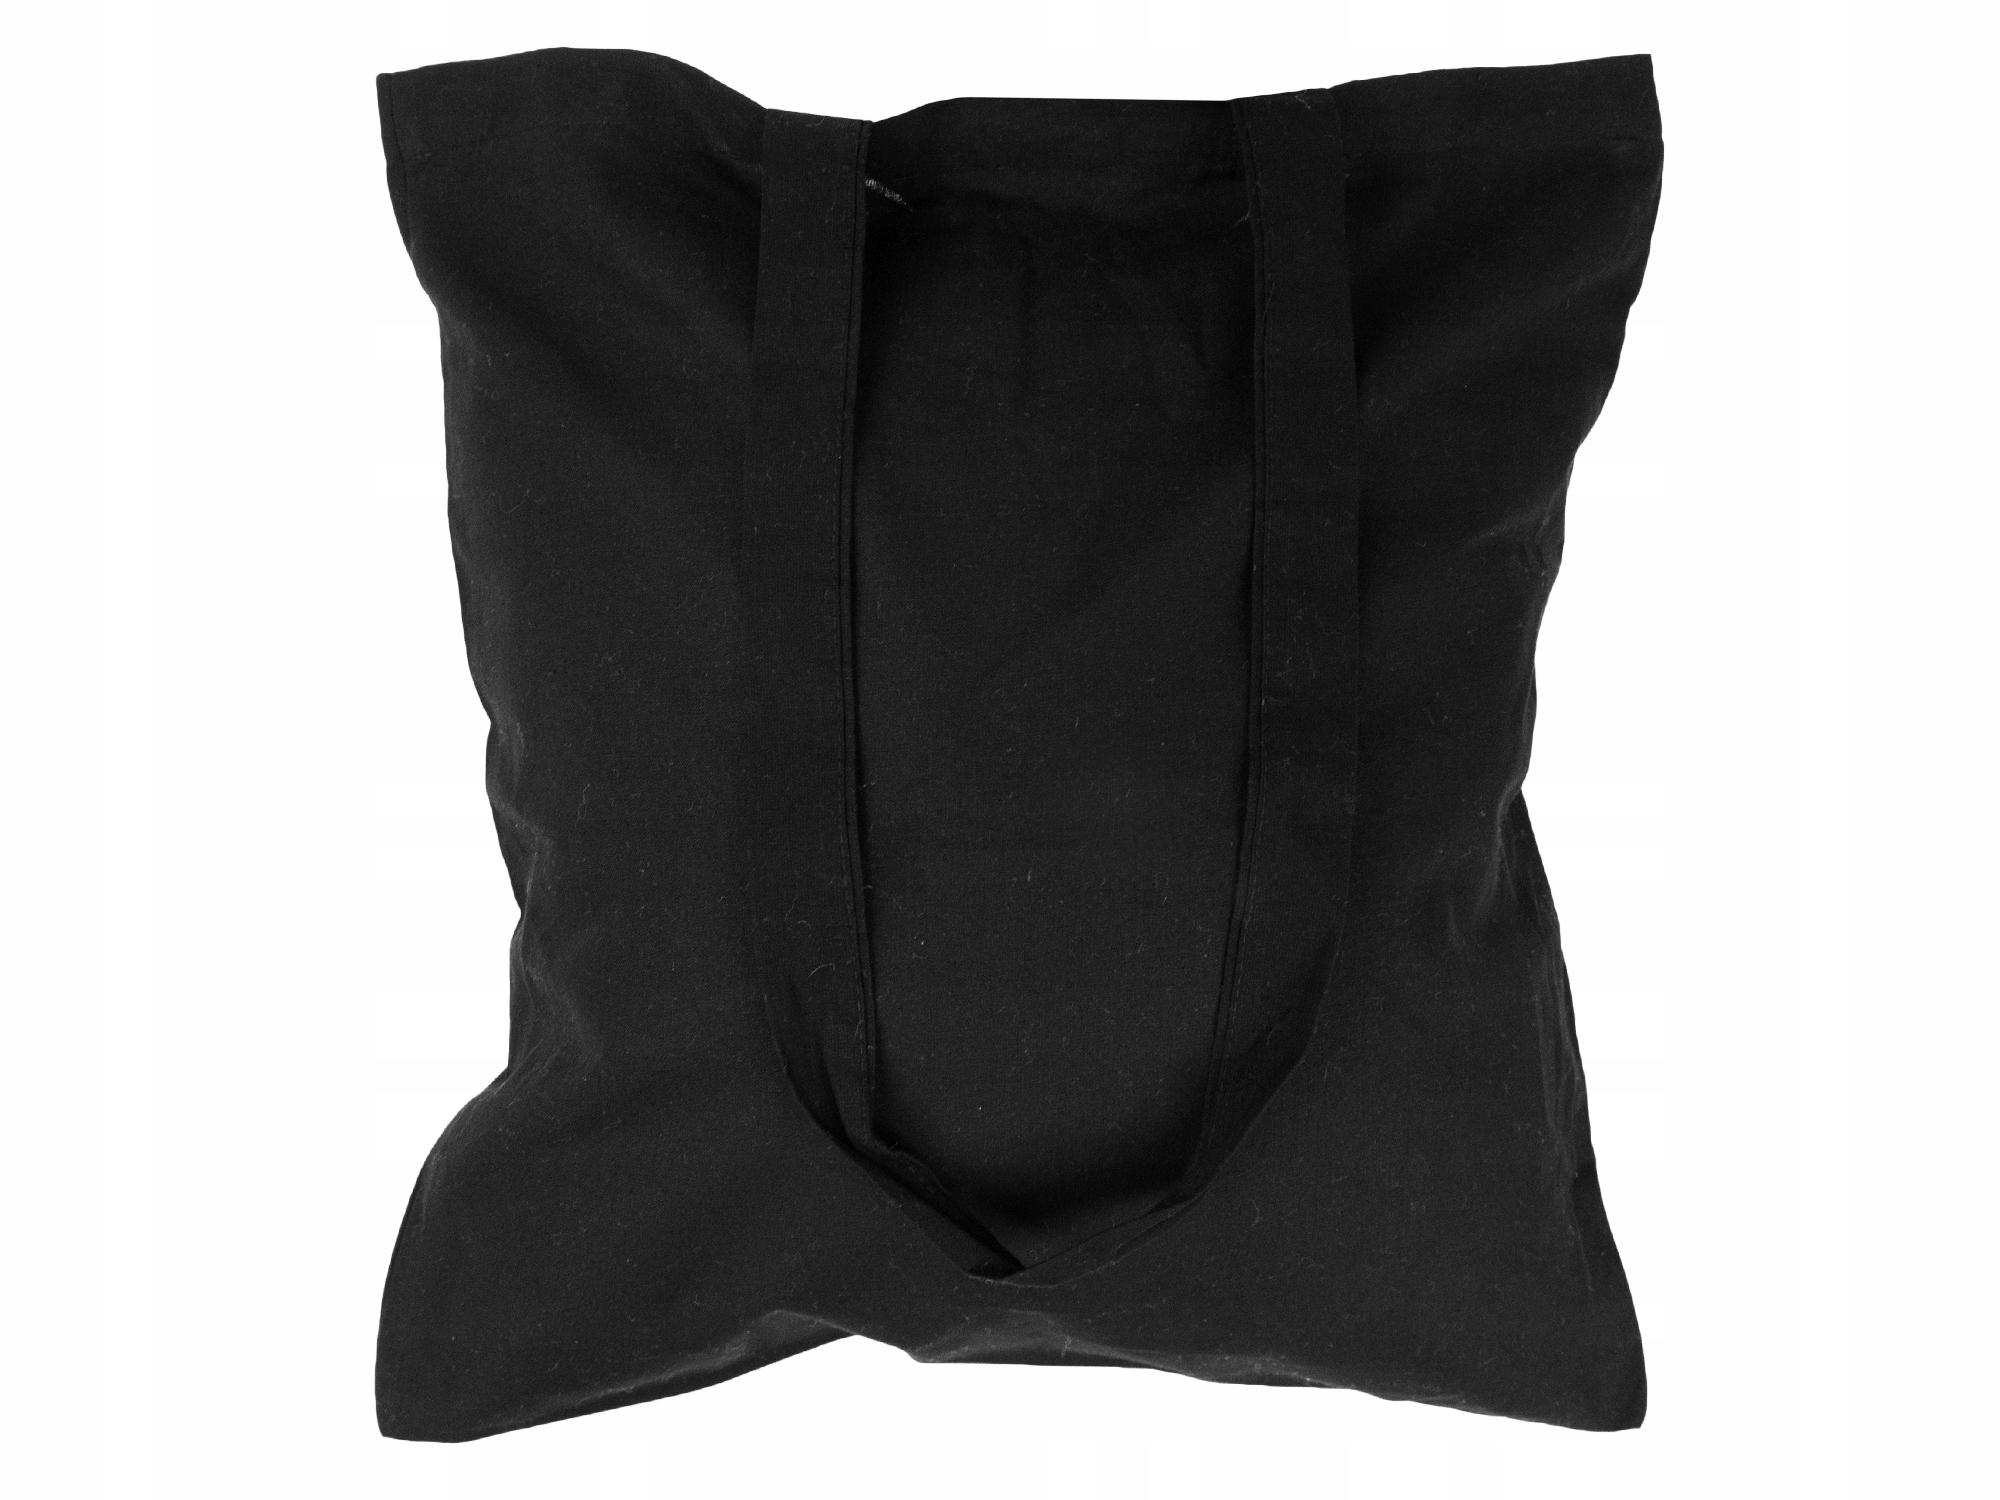 Item COTTON BAG long handle 38x42 BLACK